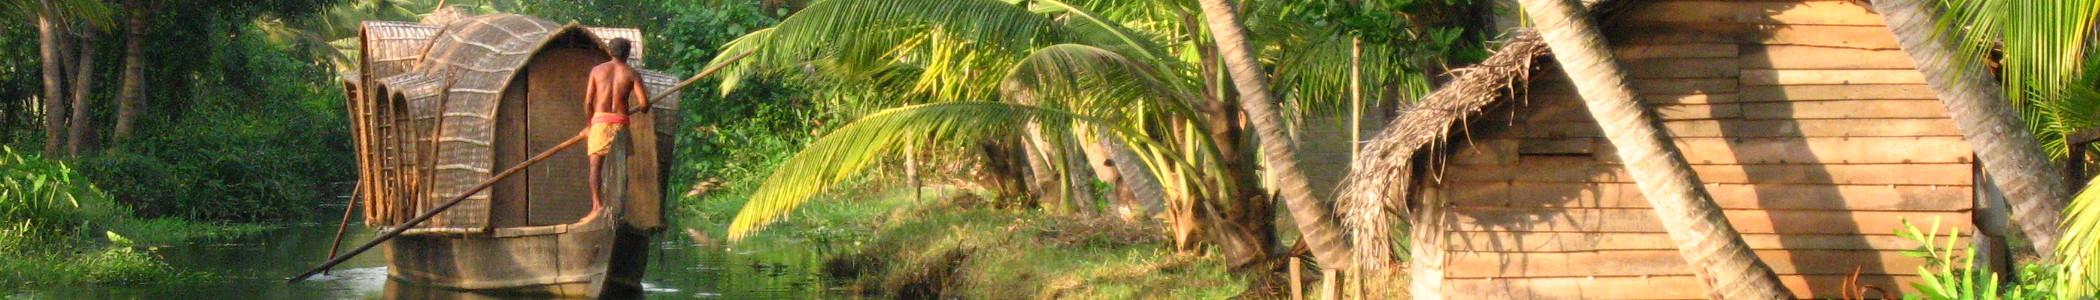 Kerala – Travel guide at Wikivoyage